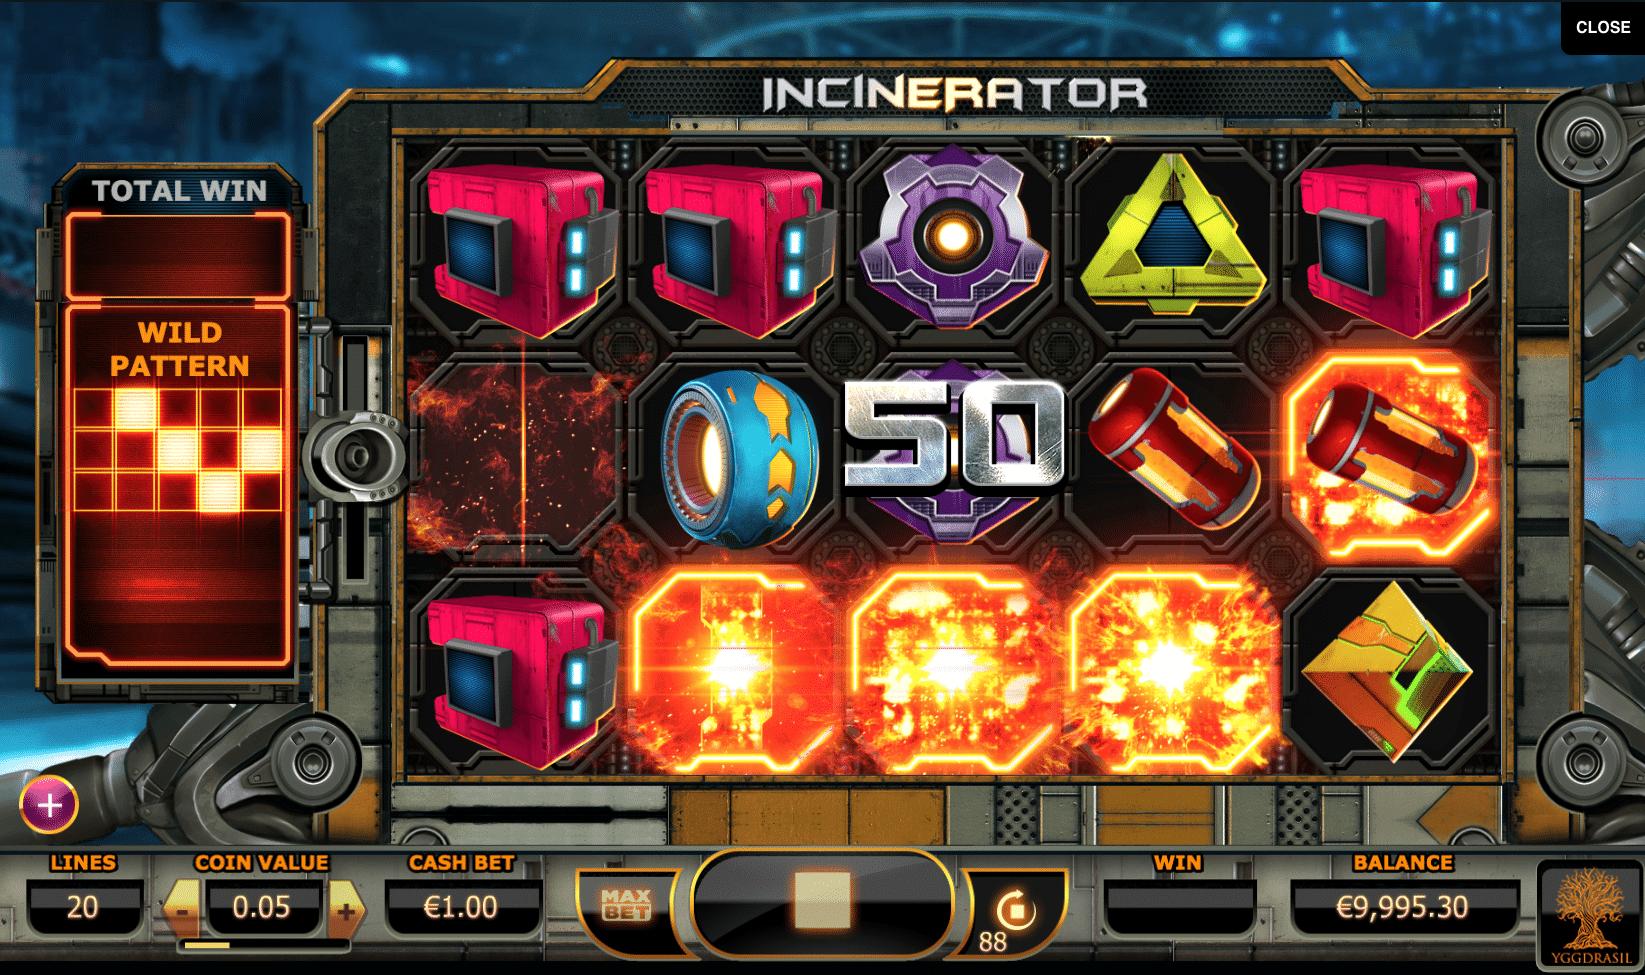 Incinerator 1